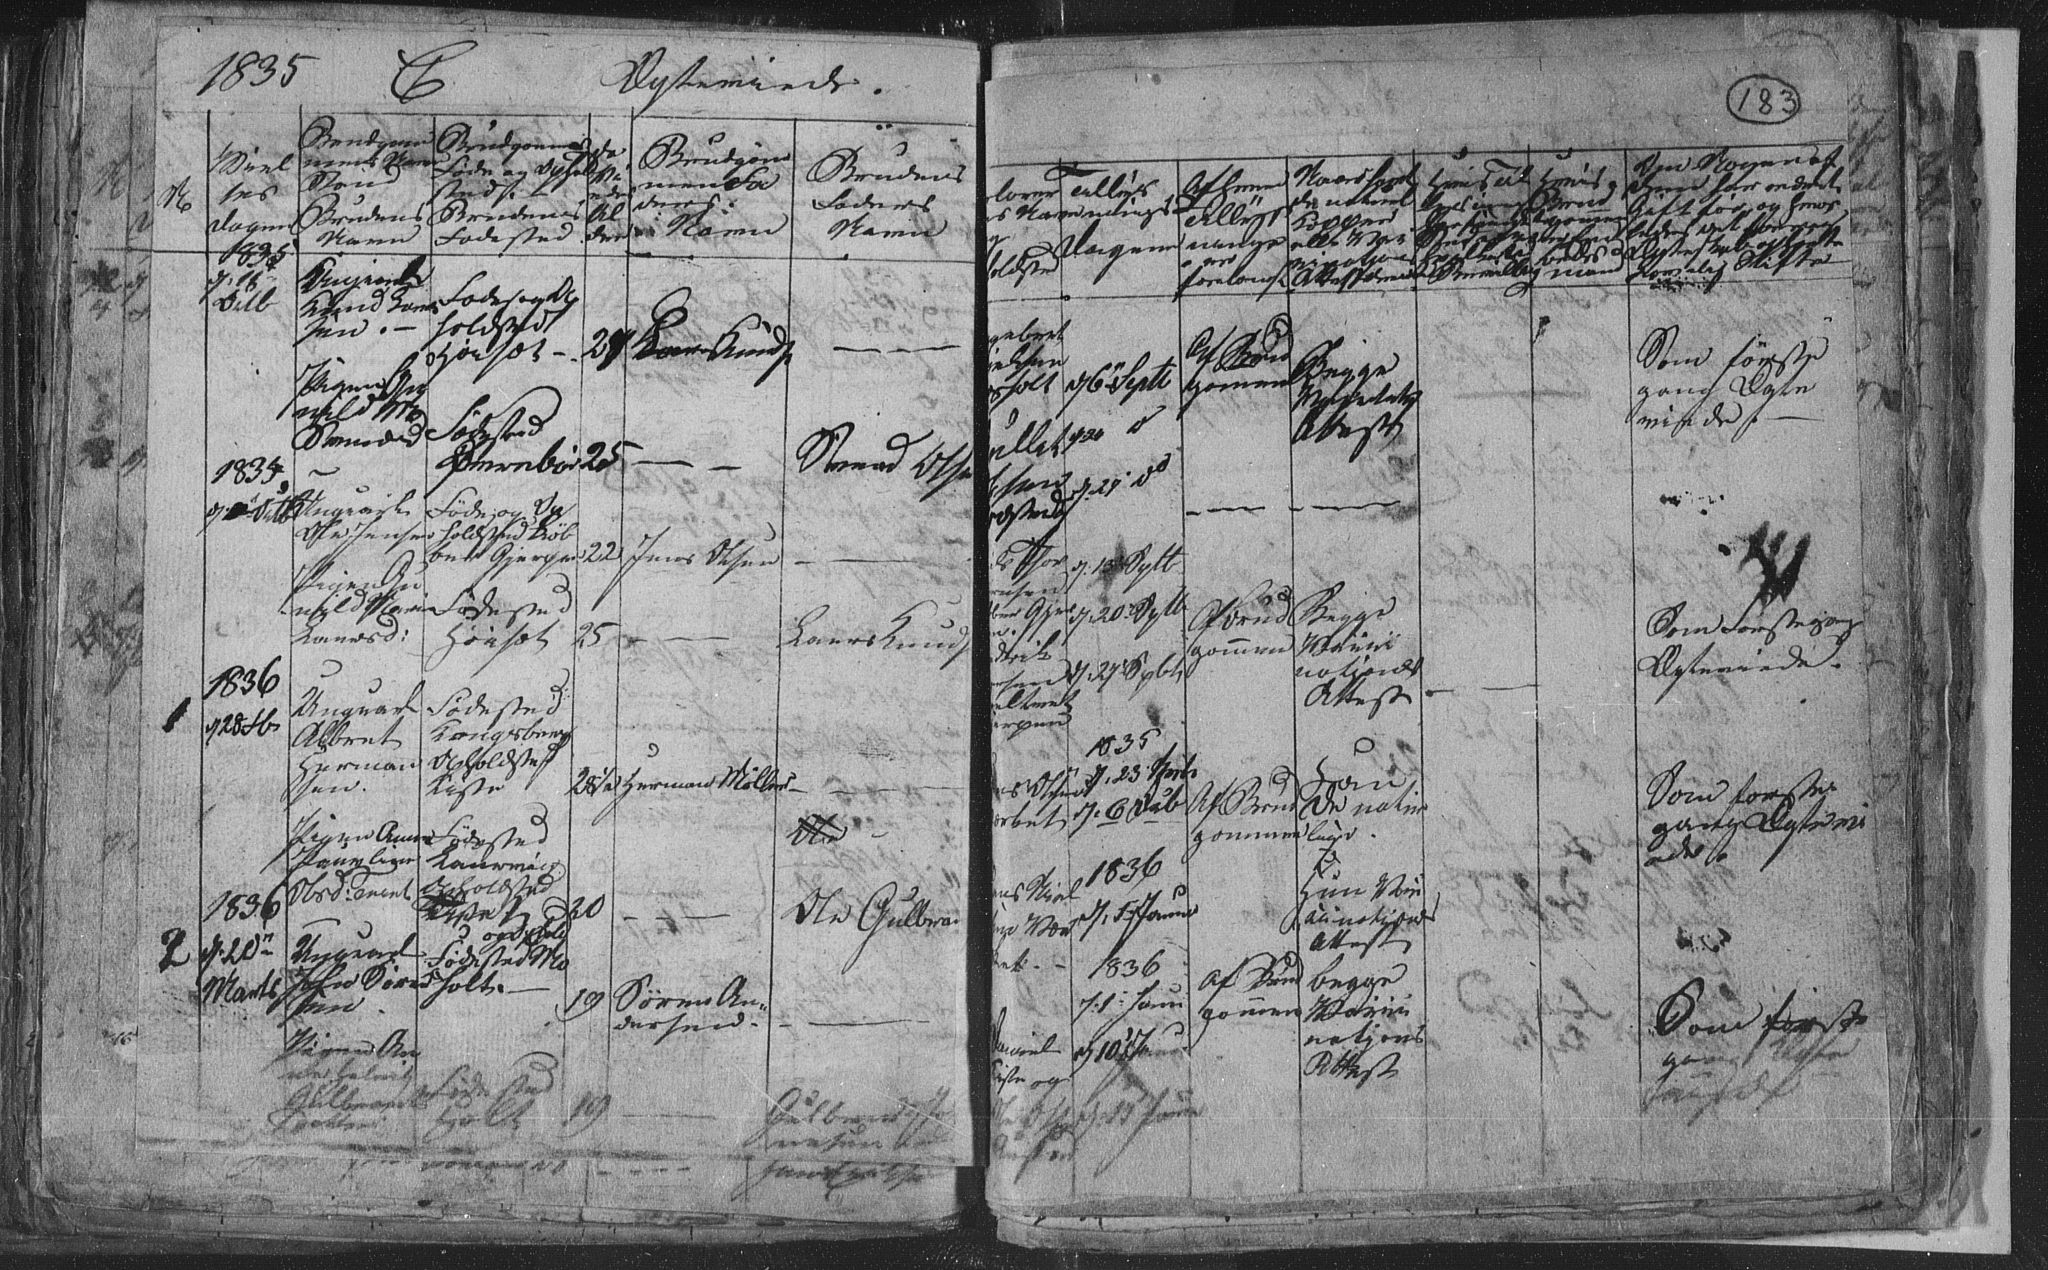 SAKO, Siljan kirkebøker, G/Ga/L0001: Klokkerbok nr. 1, 1827-1847, s. 183